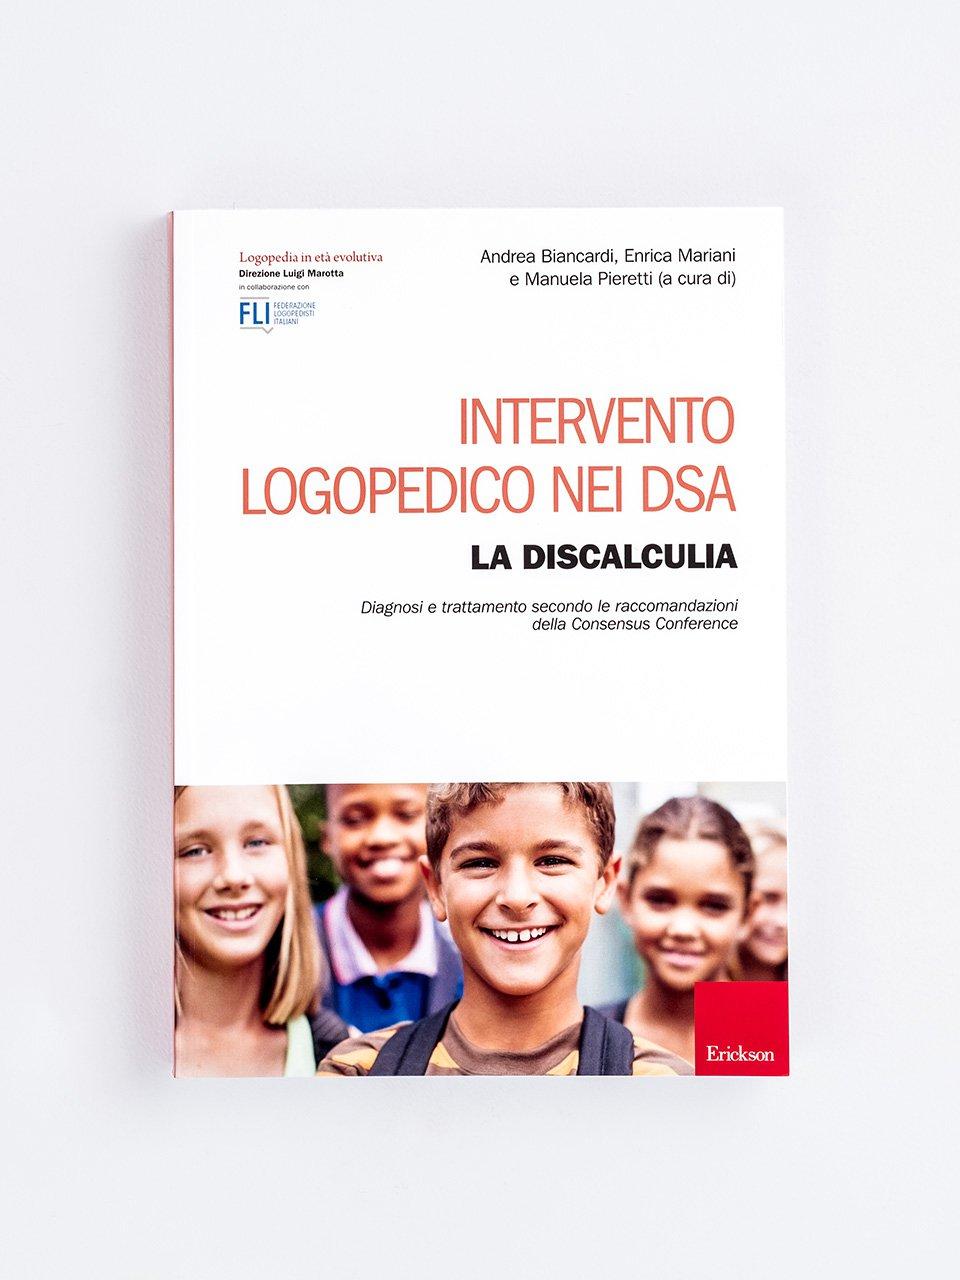 Intervento logopedico nei DSA - LA DISCALCULIA - Laboratorio discalculia - Libri - Erickson